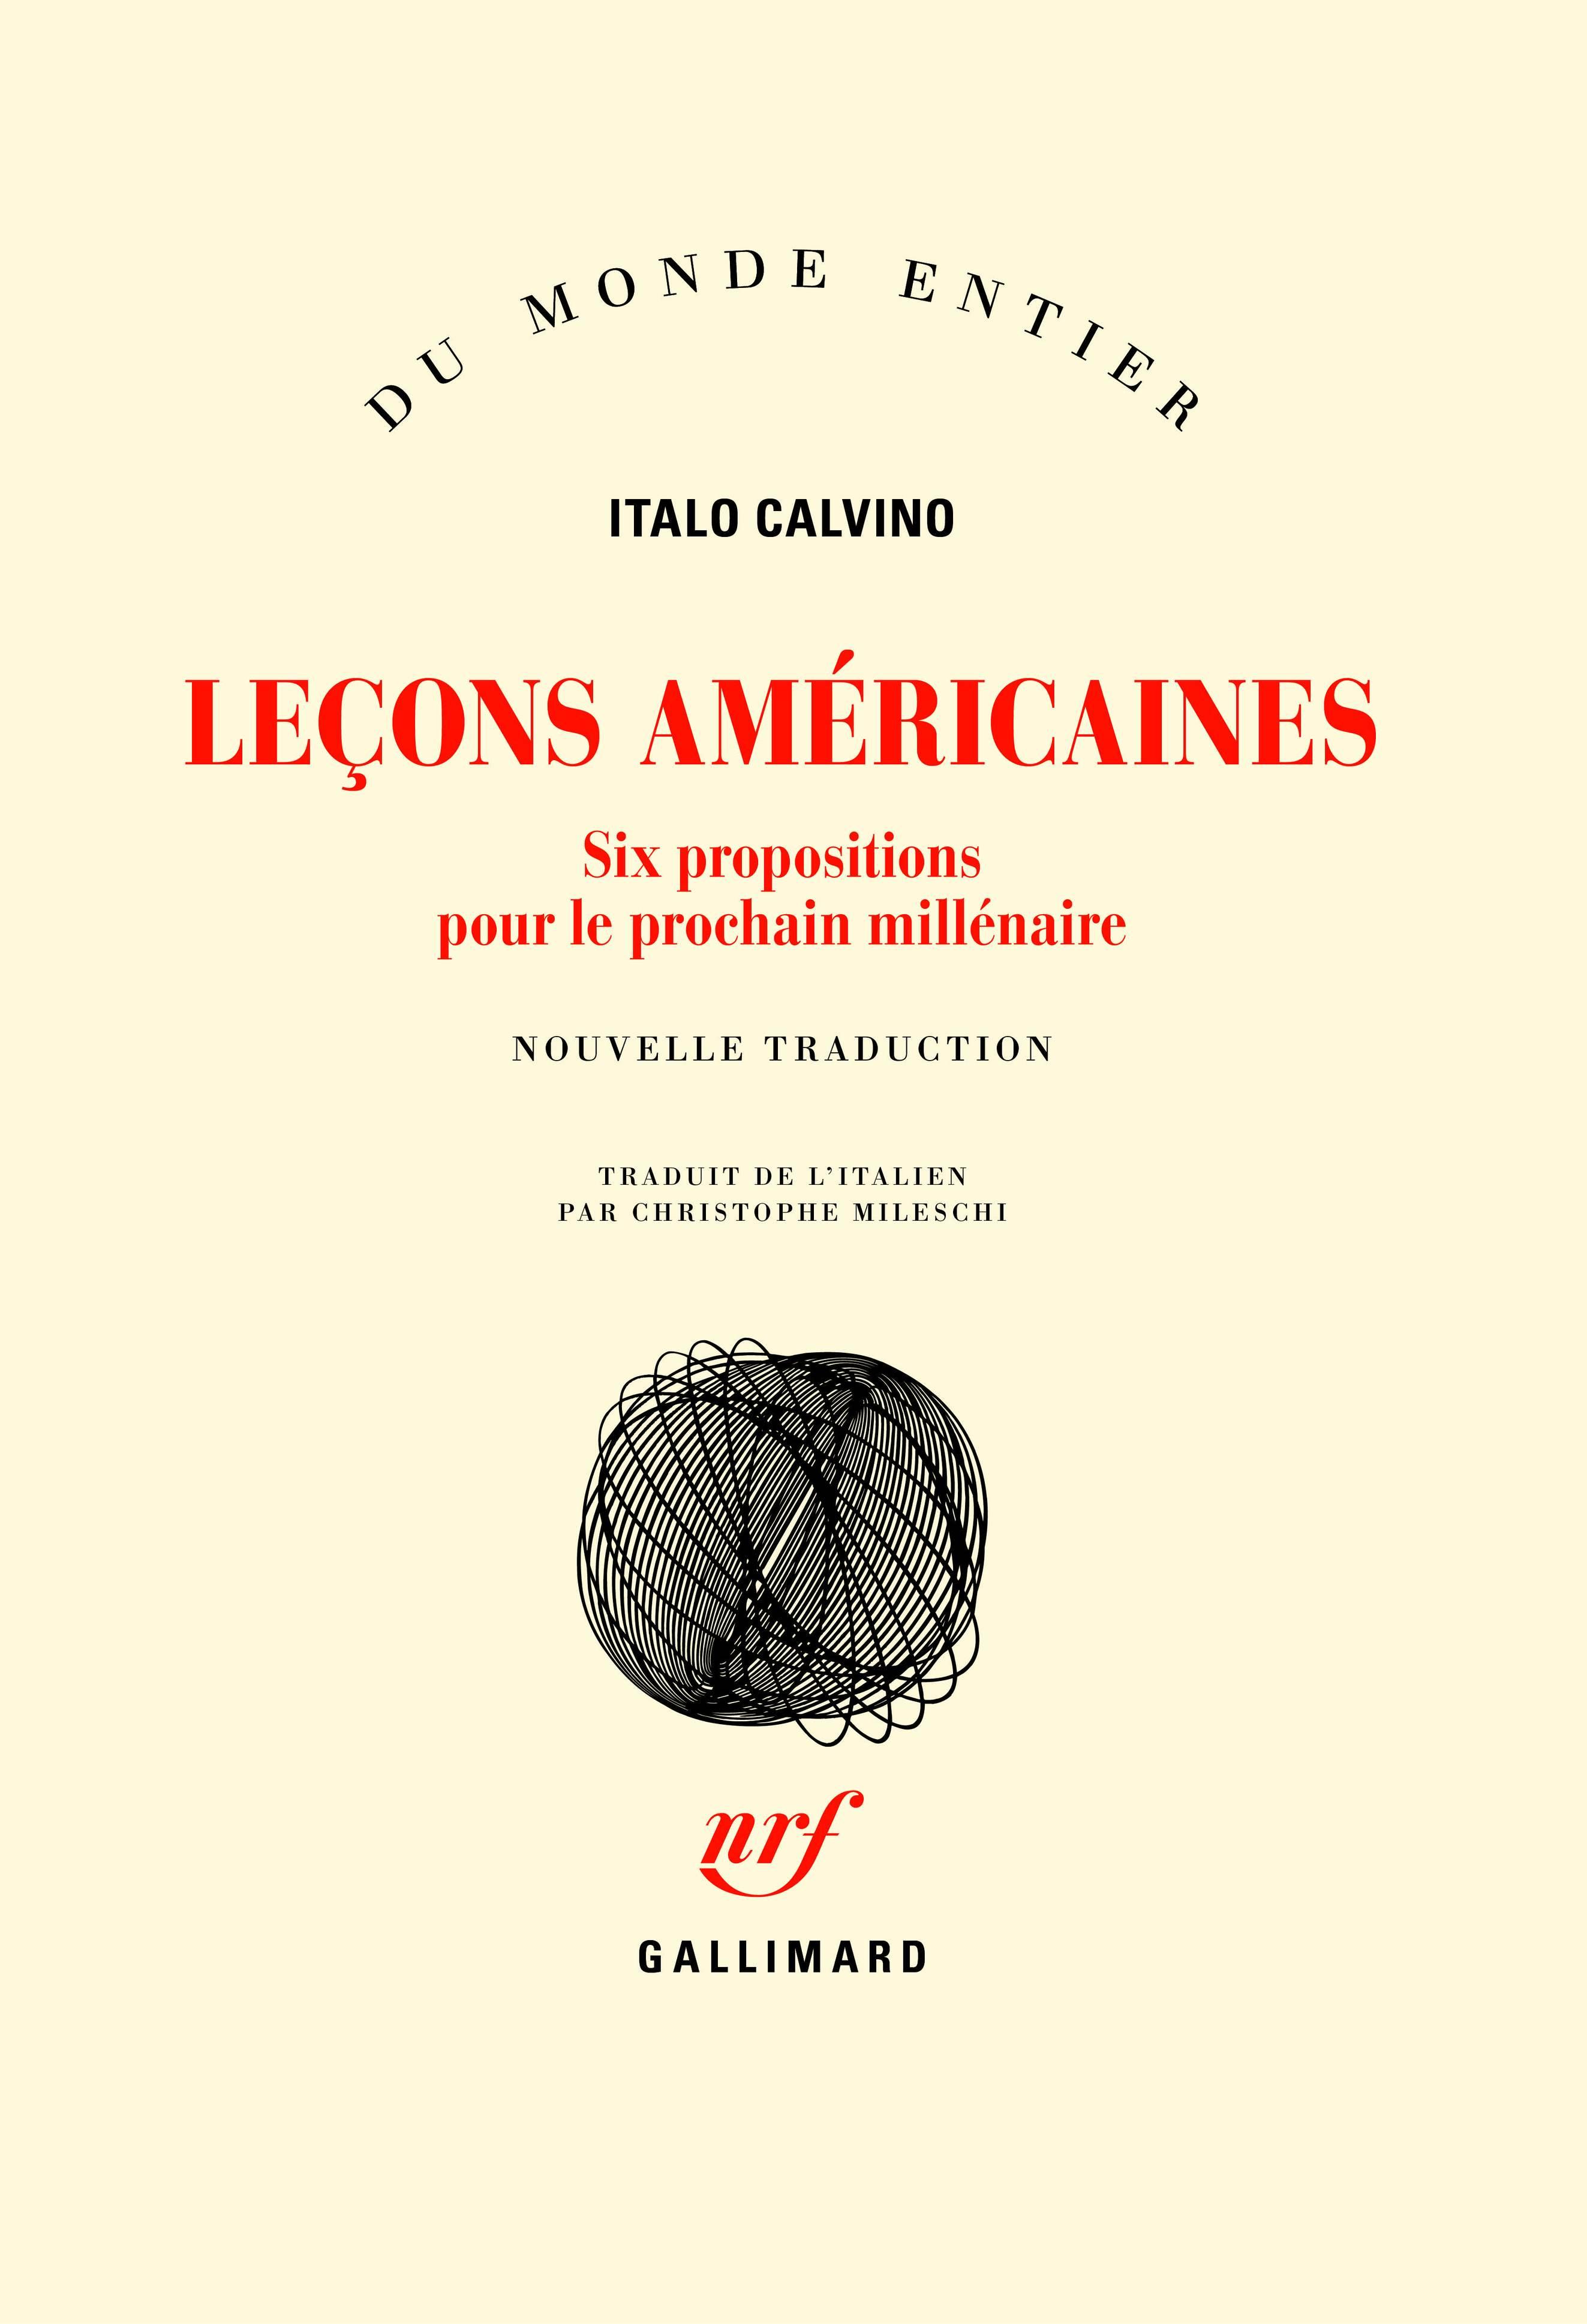 I. Calvino, Leçons américaines (nouvelle trad. C. Mileschi)